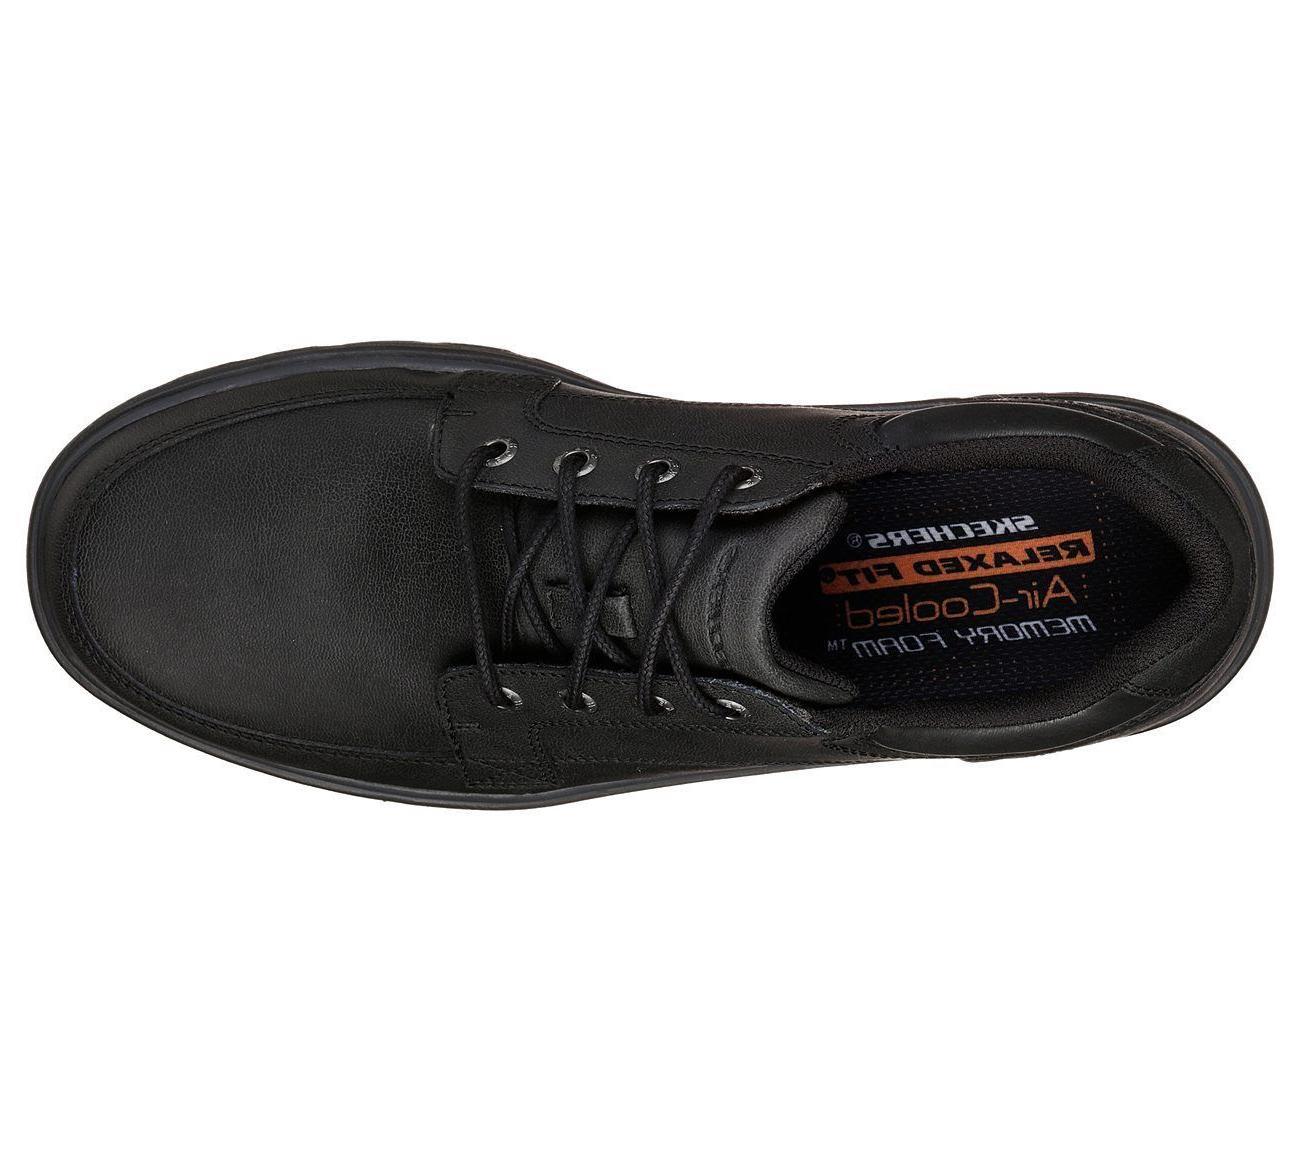 65567 Black shoes Men Memory Foam Oxford